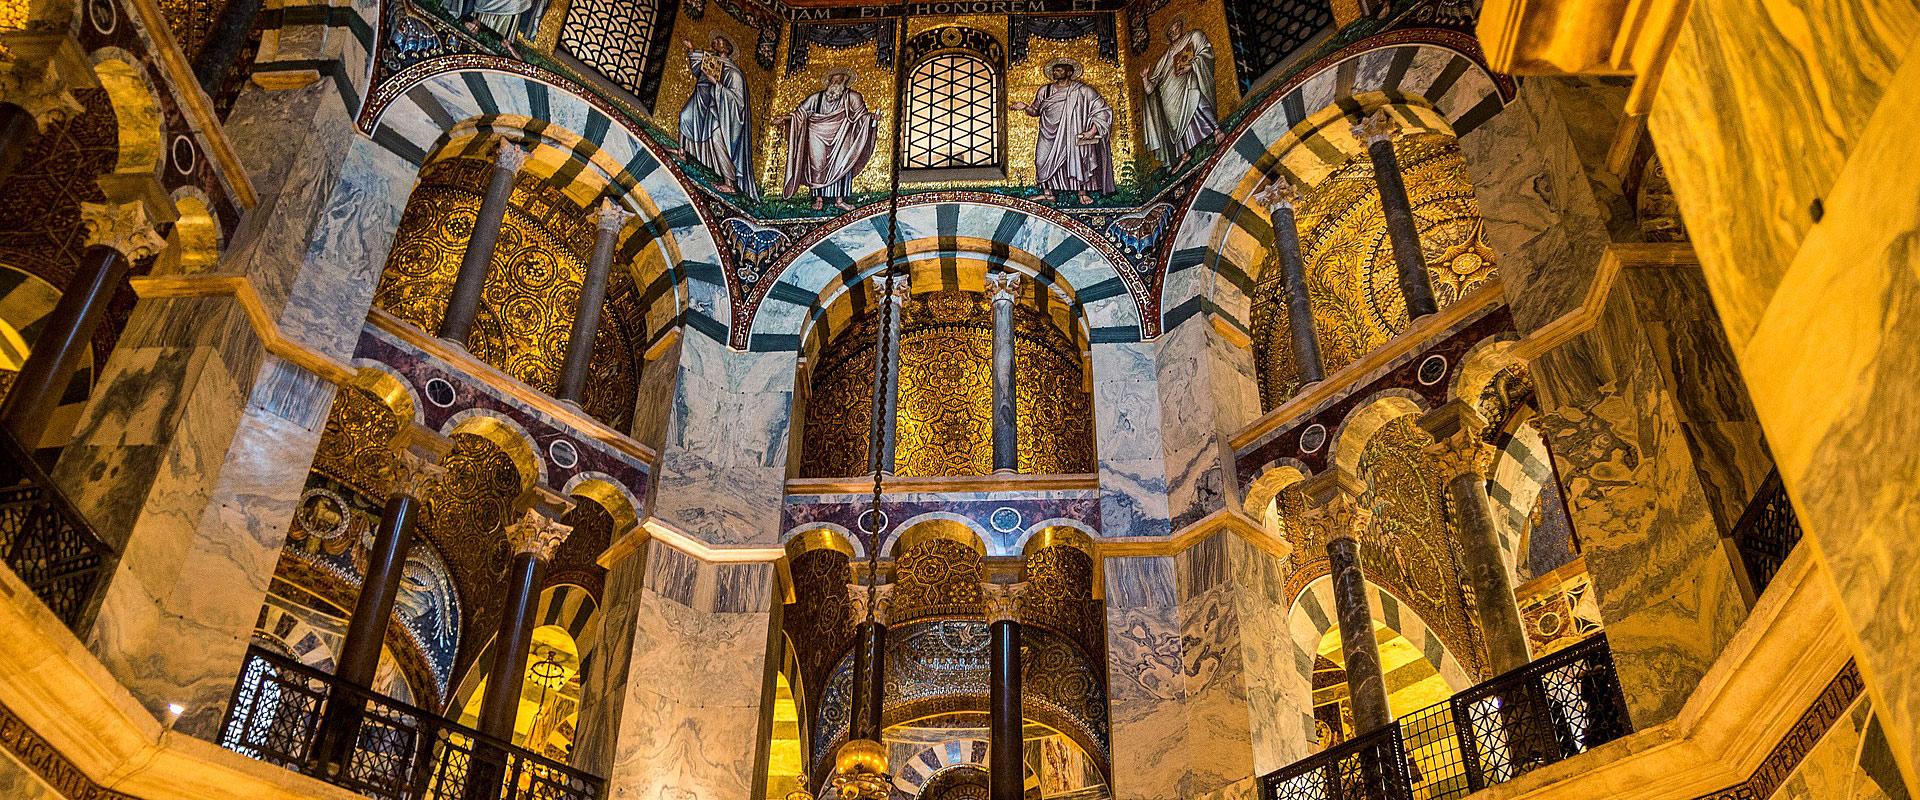 UNESCO-Welterbe Aachener Dom